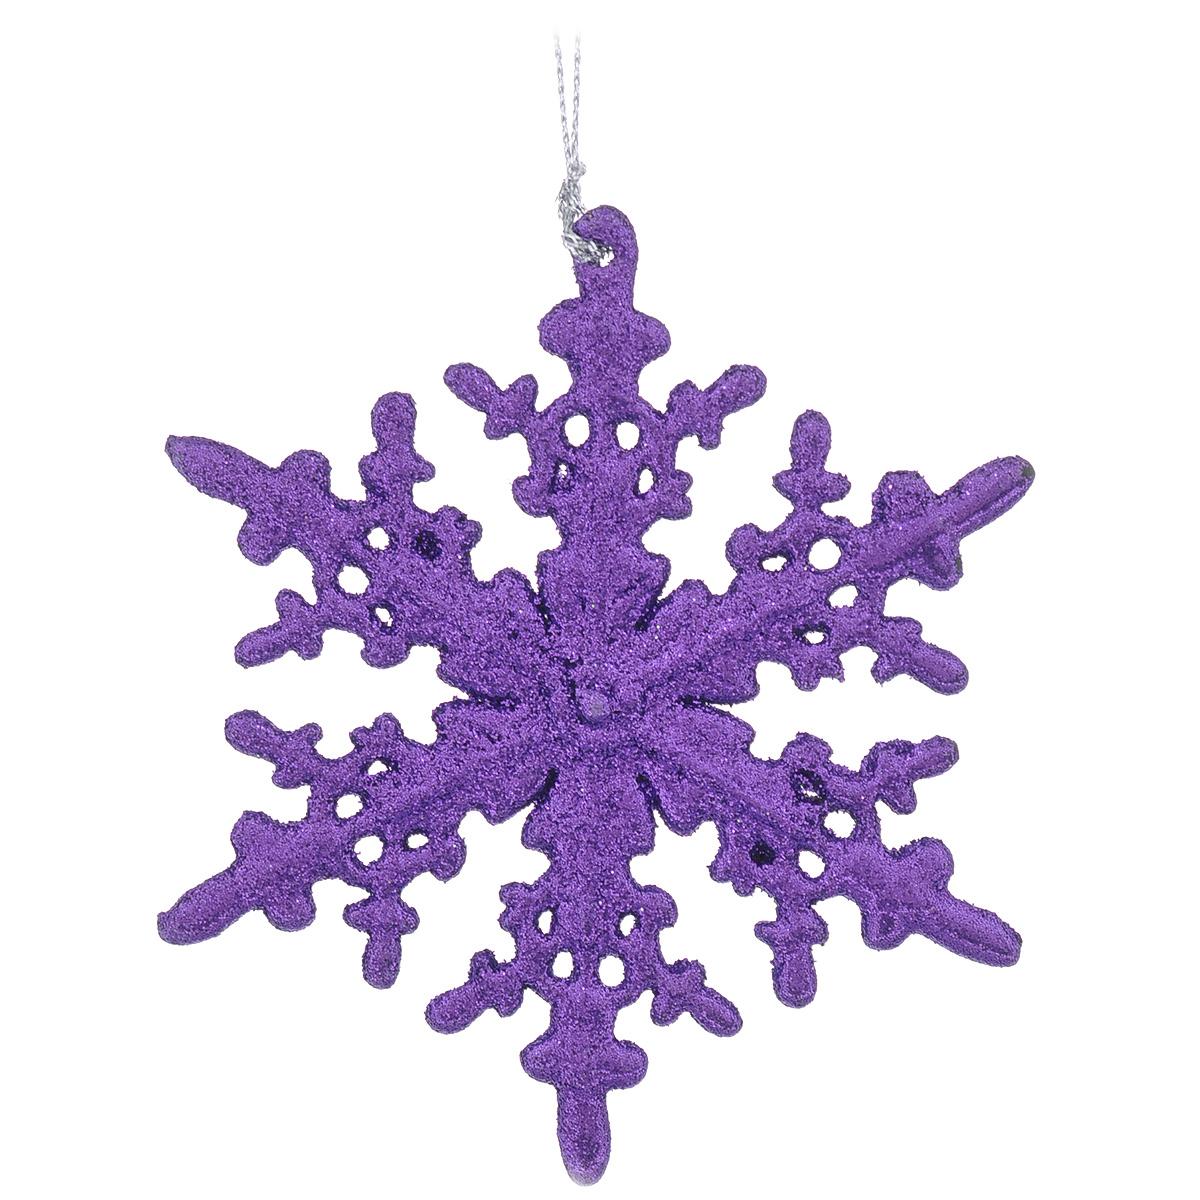 Новогоднее подвесное украшение Снежинка. 3059230592Изящное новогоднее украшение Снежинка выполнено из пластика и покрыто фиолетовыми блестками. С помощью специальной петельки украшение можно повесить в любом понравившемся вам месте. Но, конечно, удачнее всего такая игрушка будет смотреться на праздничной елке.Новогодние украшения приносят в дом волшебство и ощущение праздника. Создайте в своем доме атмосферу веселья и радости, украшая всей семьей новогоднюю елку нарядными игрушками, которые будут из года в год накапливать теплоту воспоминаний. Характеристики:Материал: пластик, блестки. Цвет: фиолетовый. Размер украшения: 11,5 см х 11,5 см х 0,3 см. Размер упаковки: 14,5 см х 13 см х 0,3 см.Артикул: 30592.